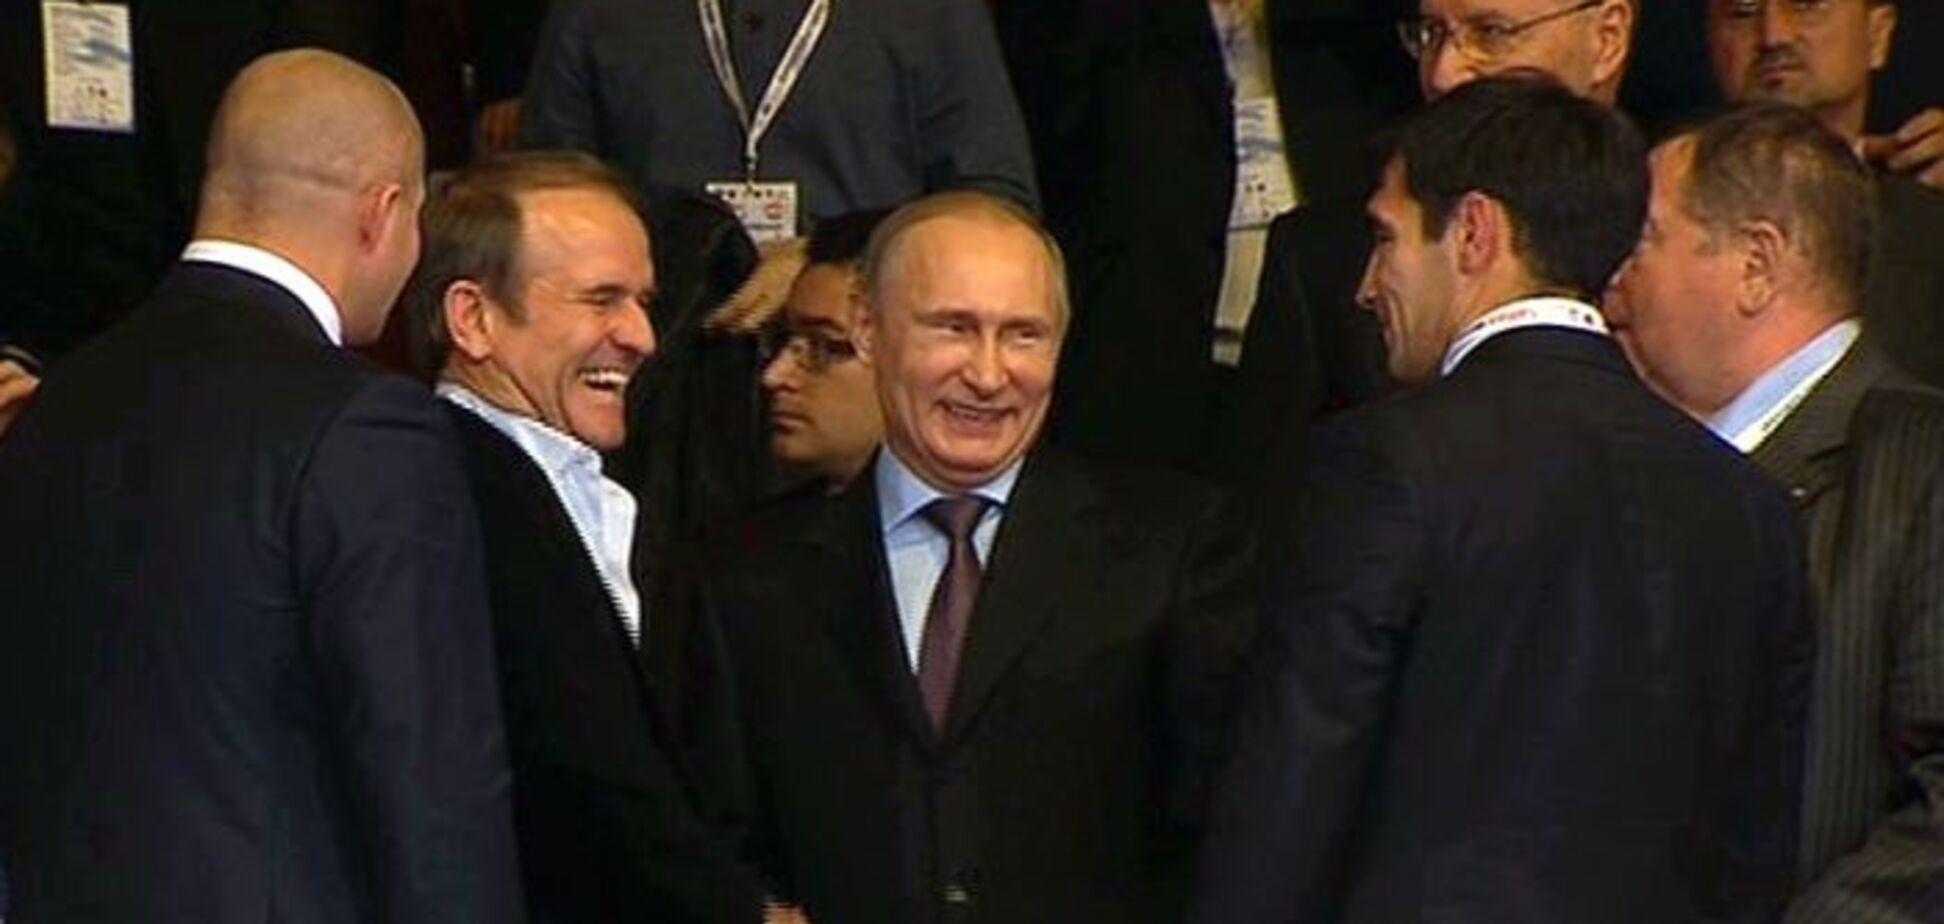 'Хоть с чертом': Слава Рабинович высказался о встрече Путина с главарями 'Л/ДНР'